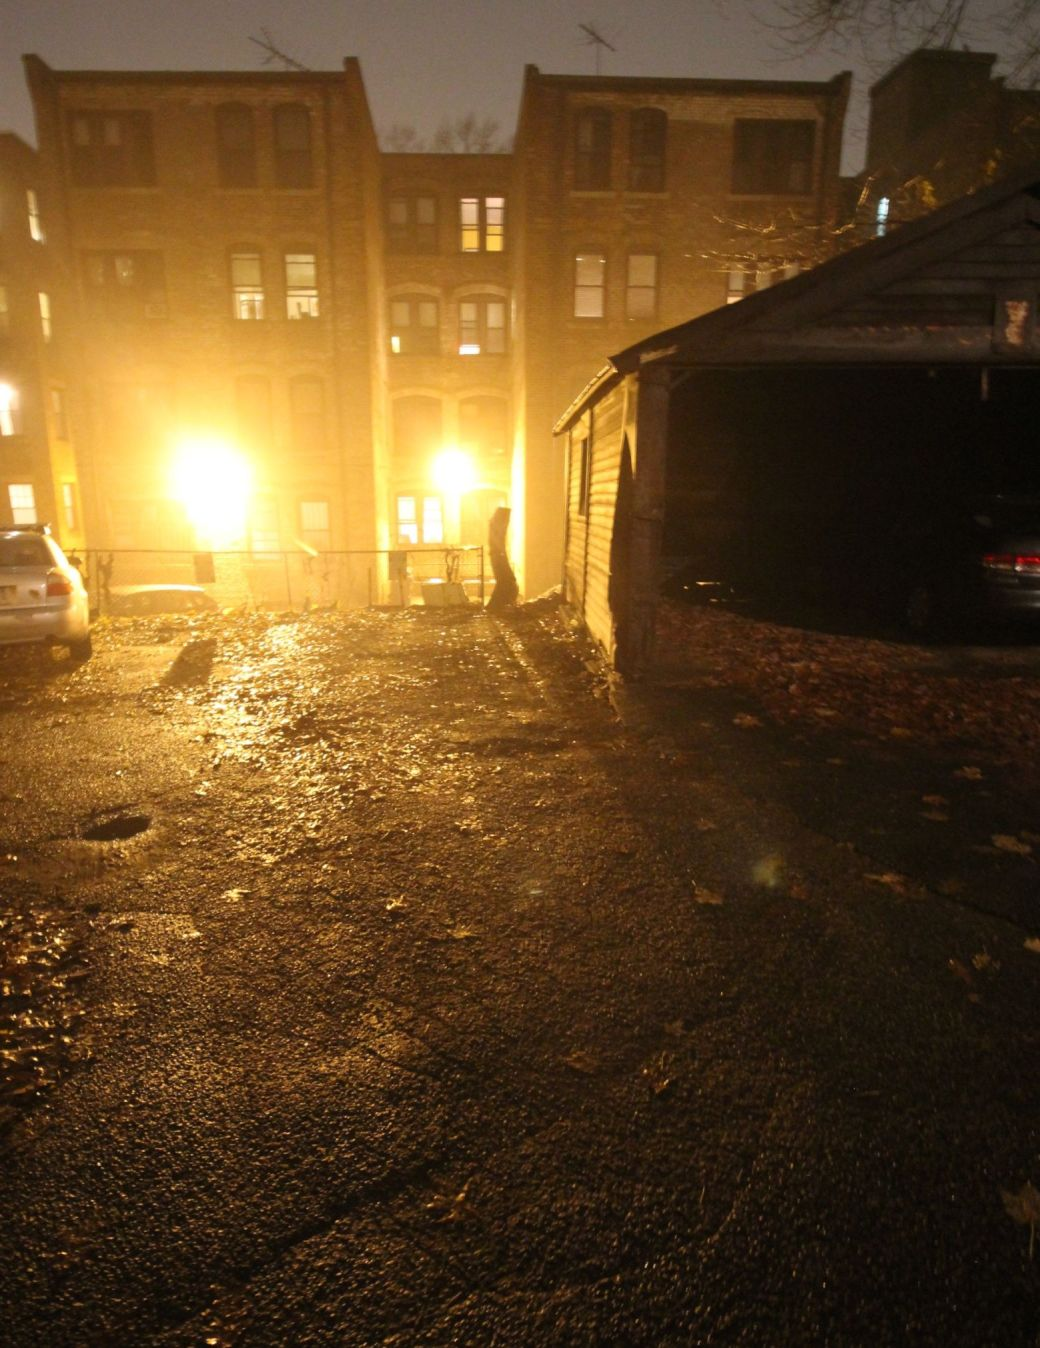 boston allston kelton street rain night 3